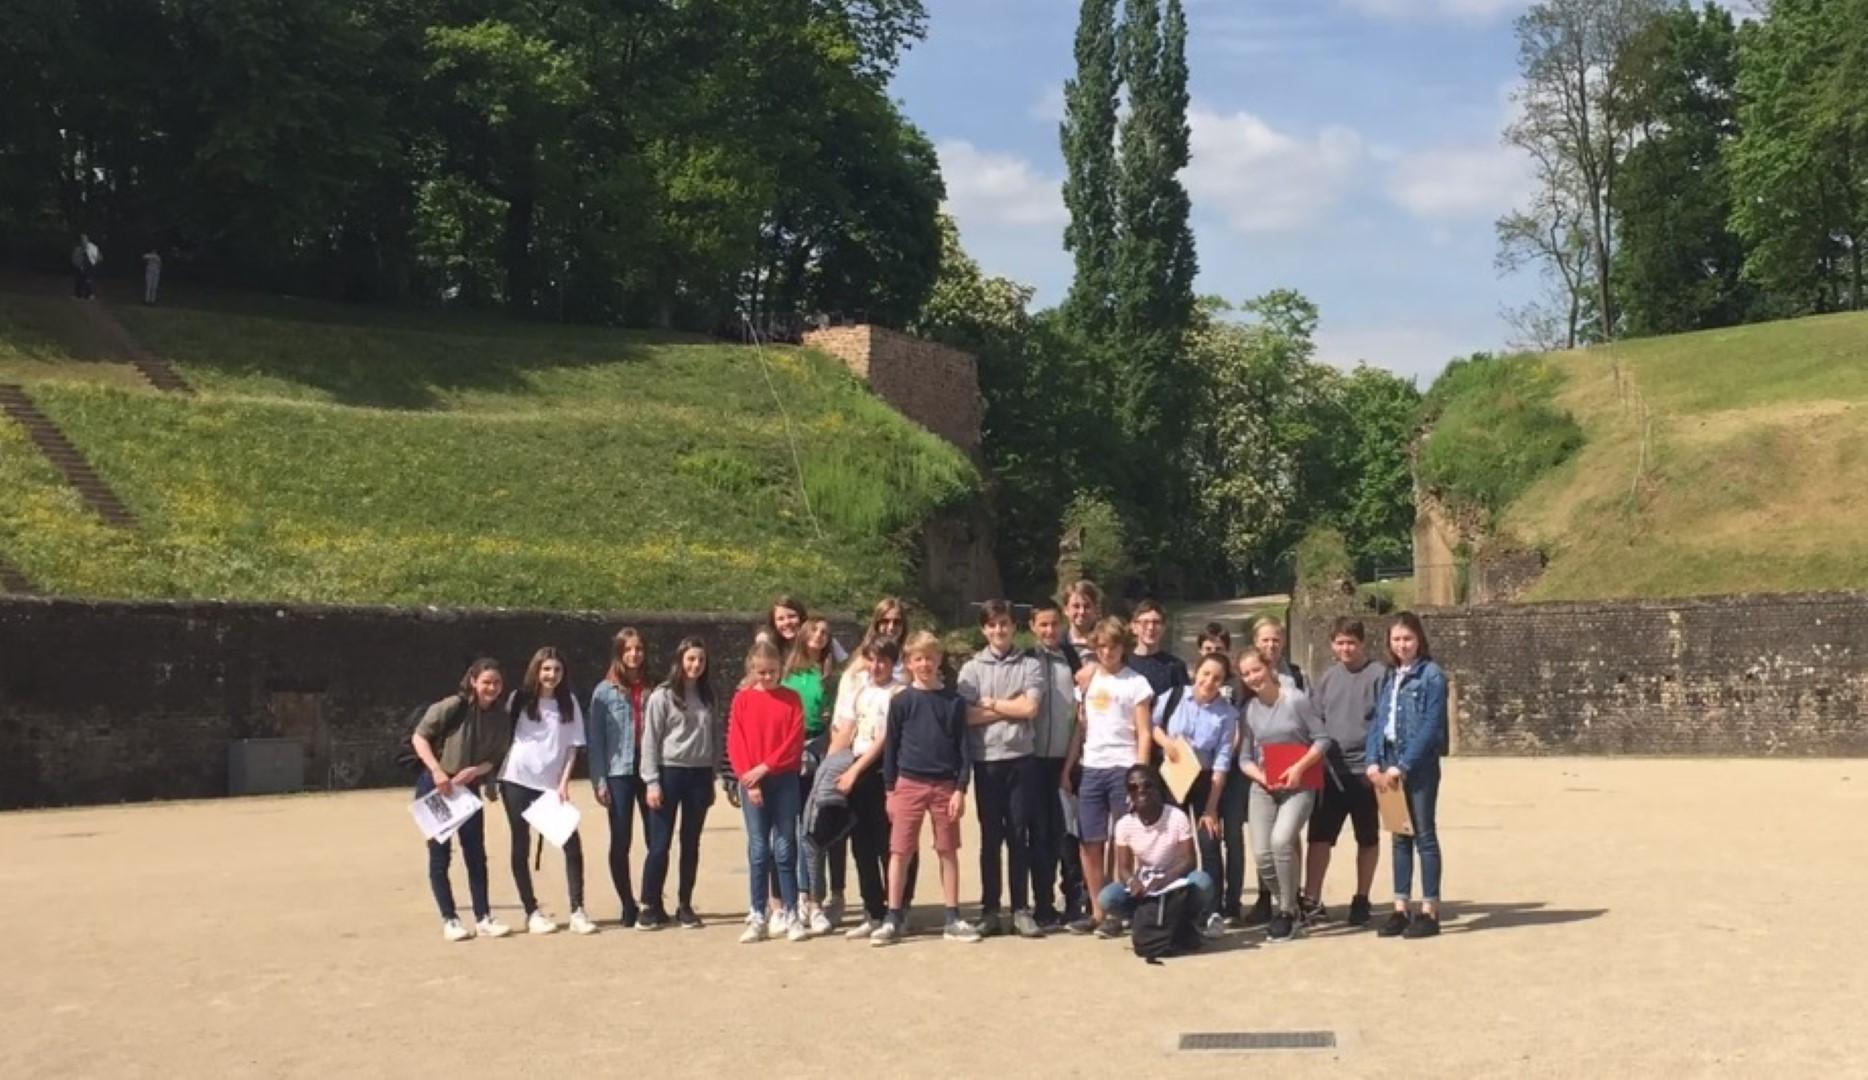 Studiereis Trier (tweede jaar)